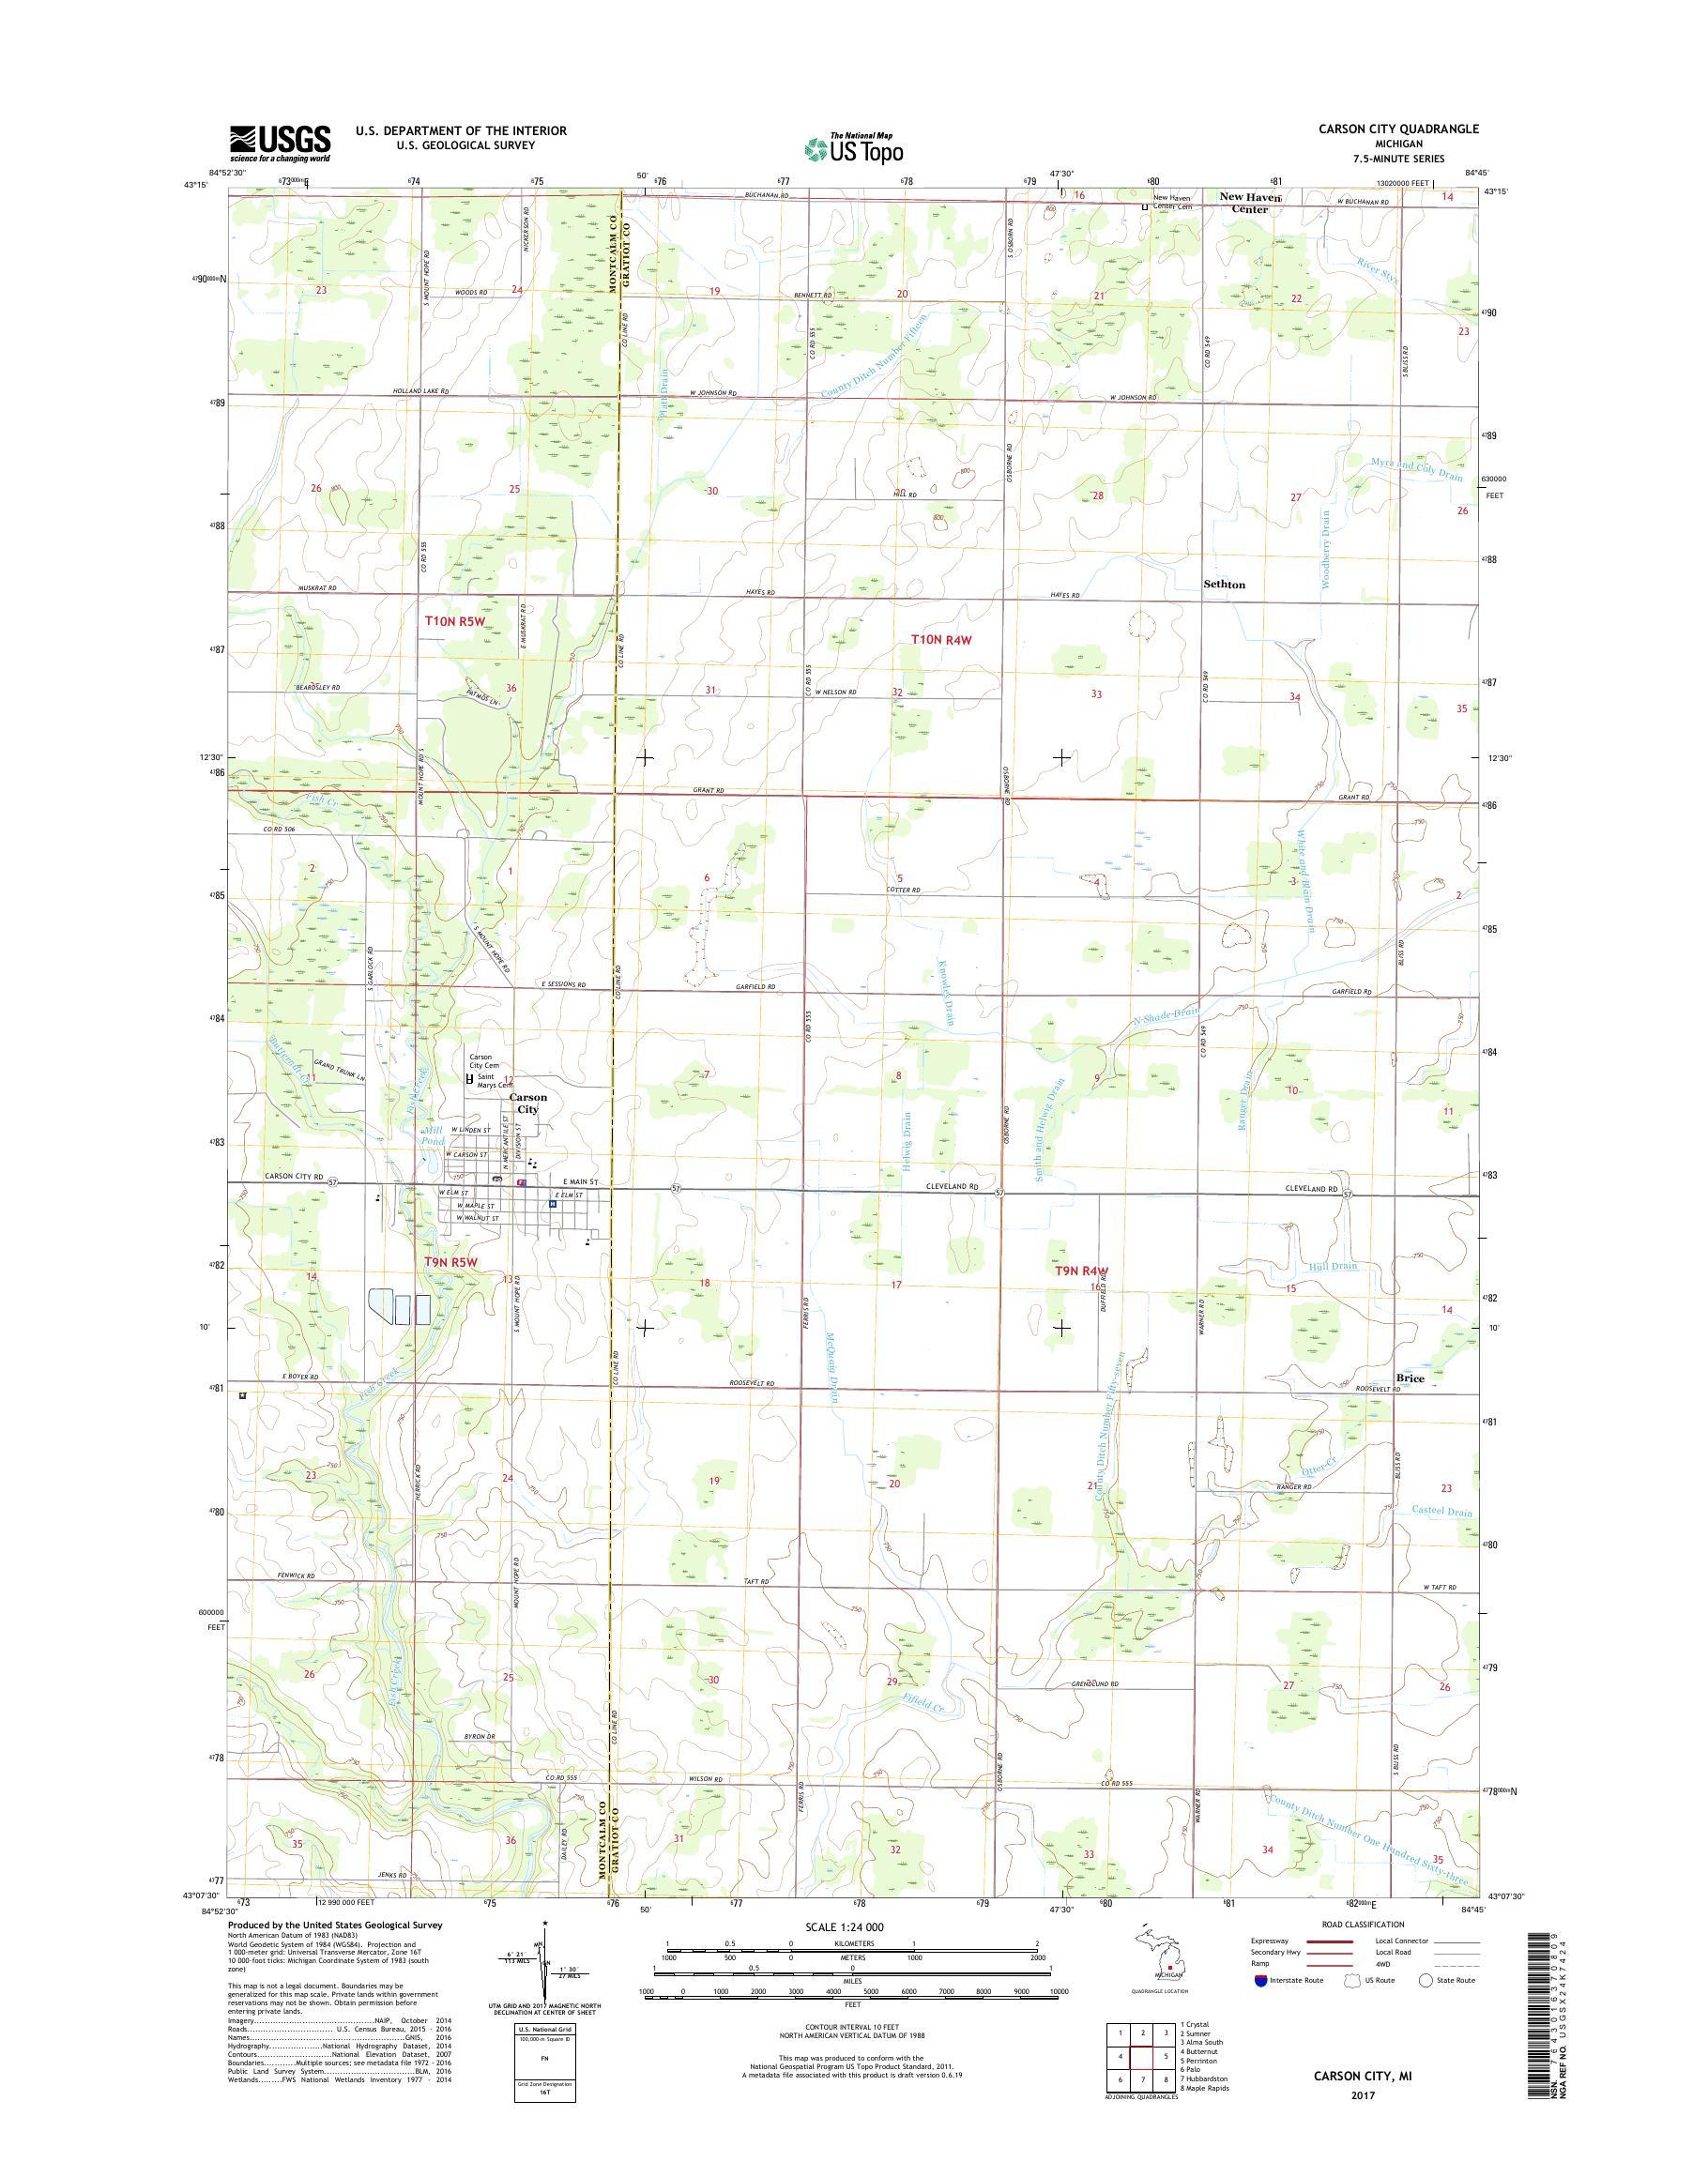 Mytopo Carson City Michigan Usgs Quad Topo Map